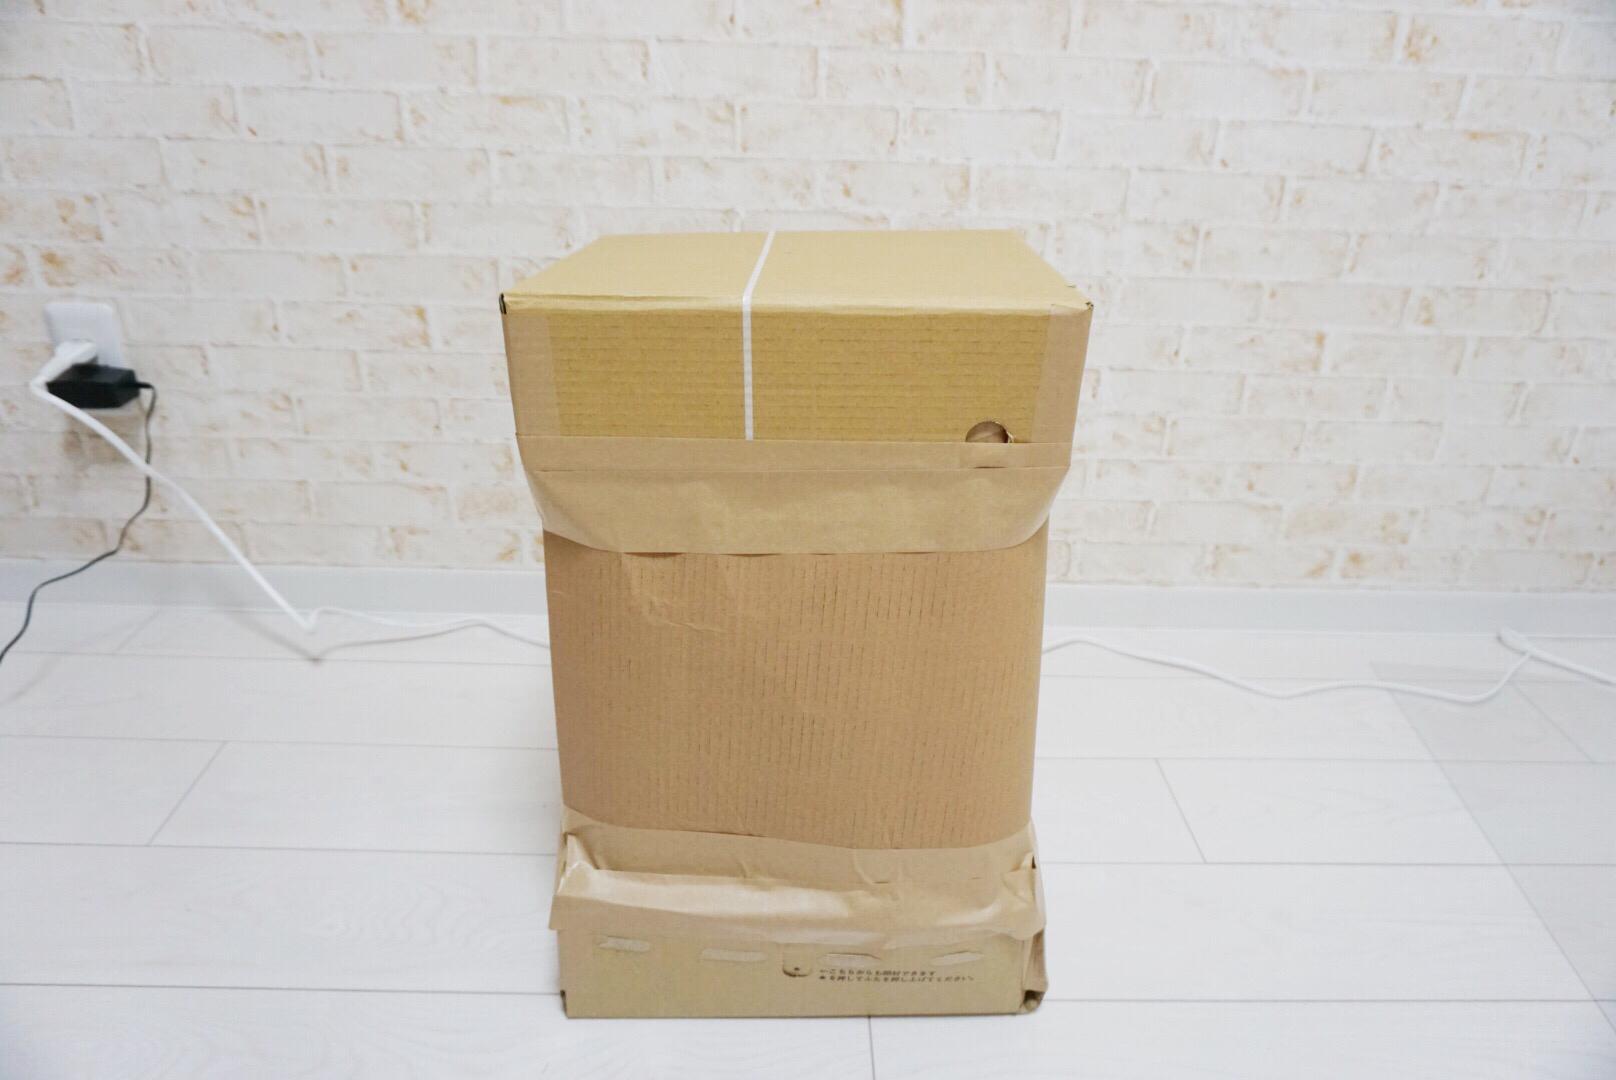 キャリーバッグの梱包方法6